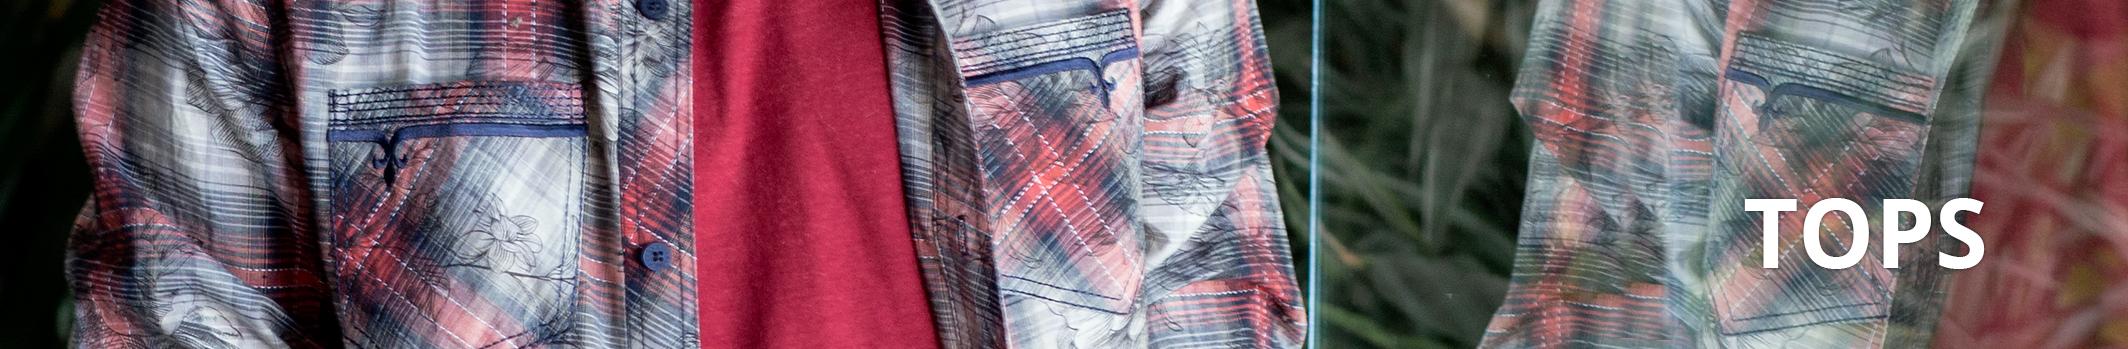 mens-shirts-1020.jpg